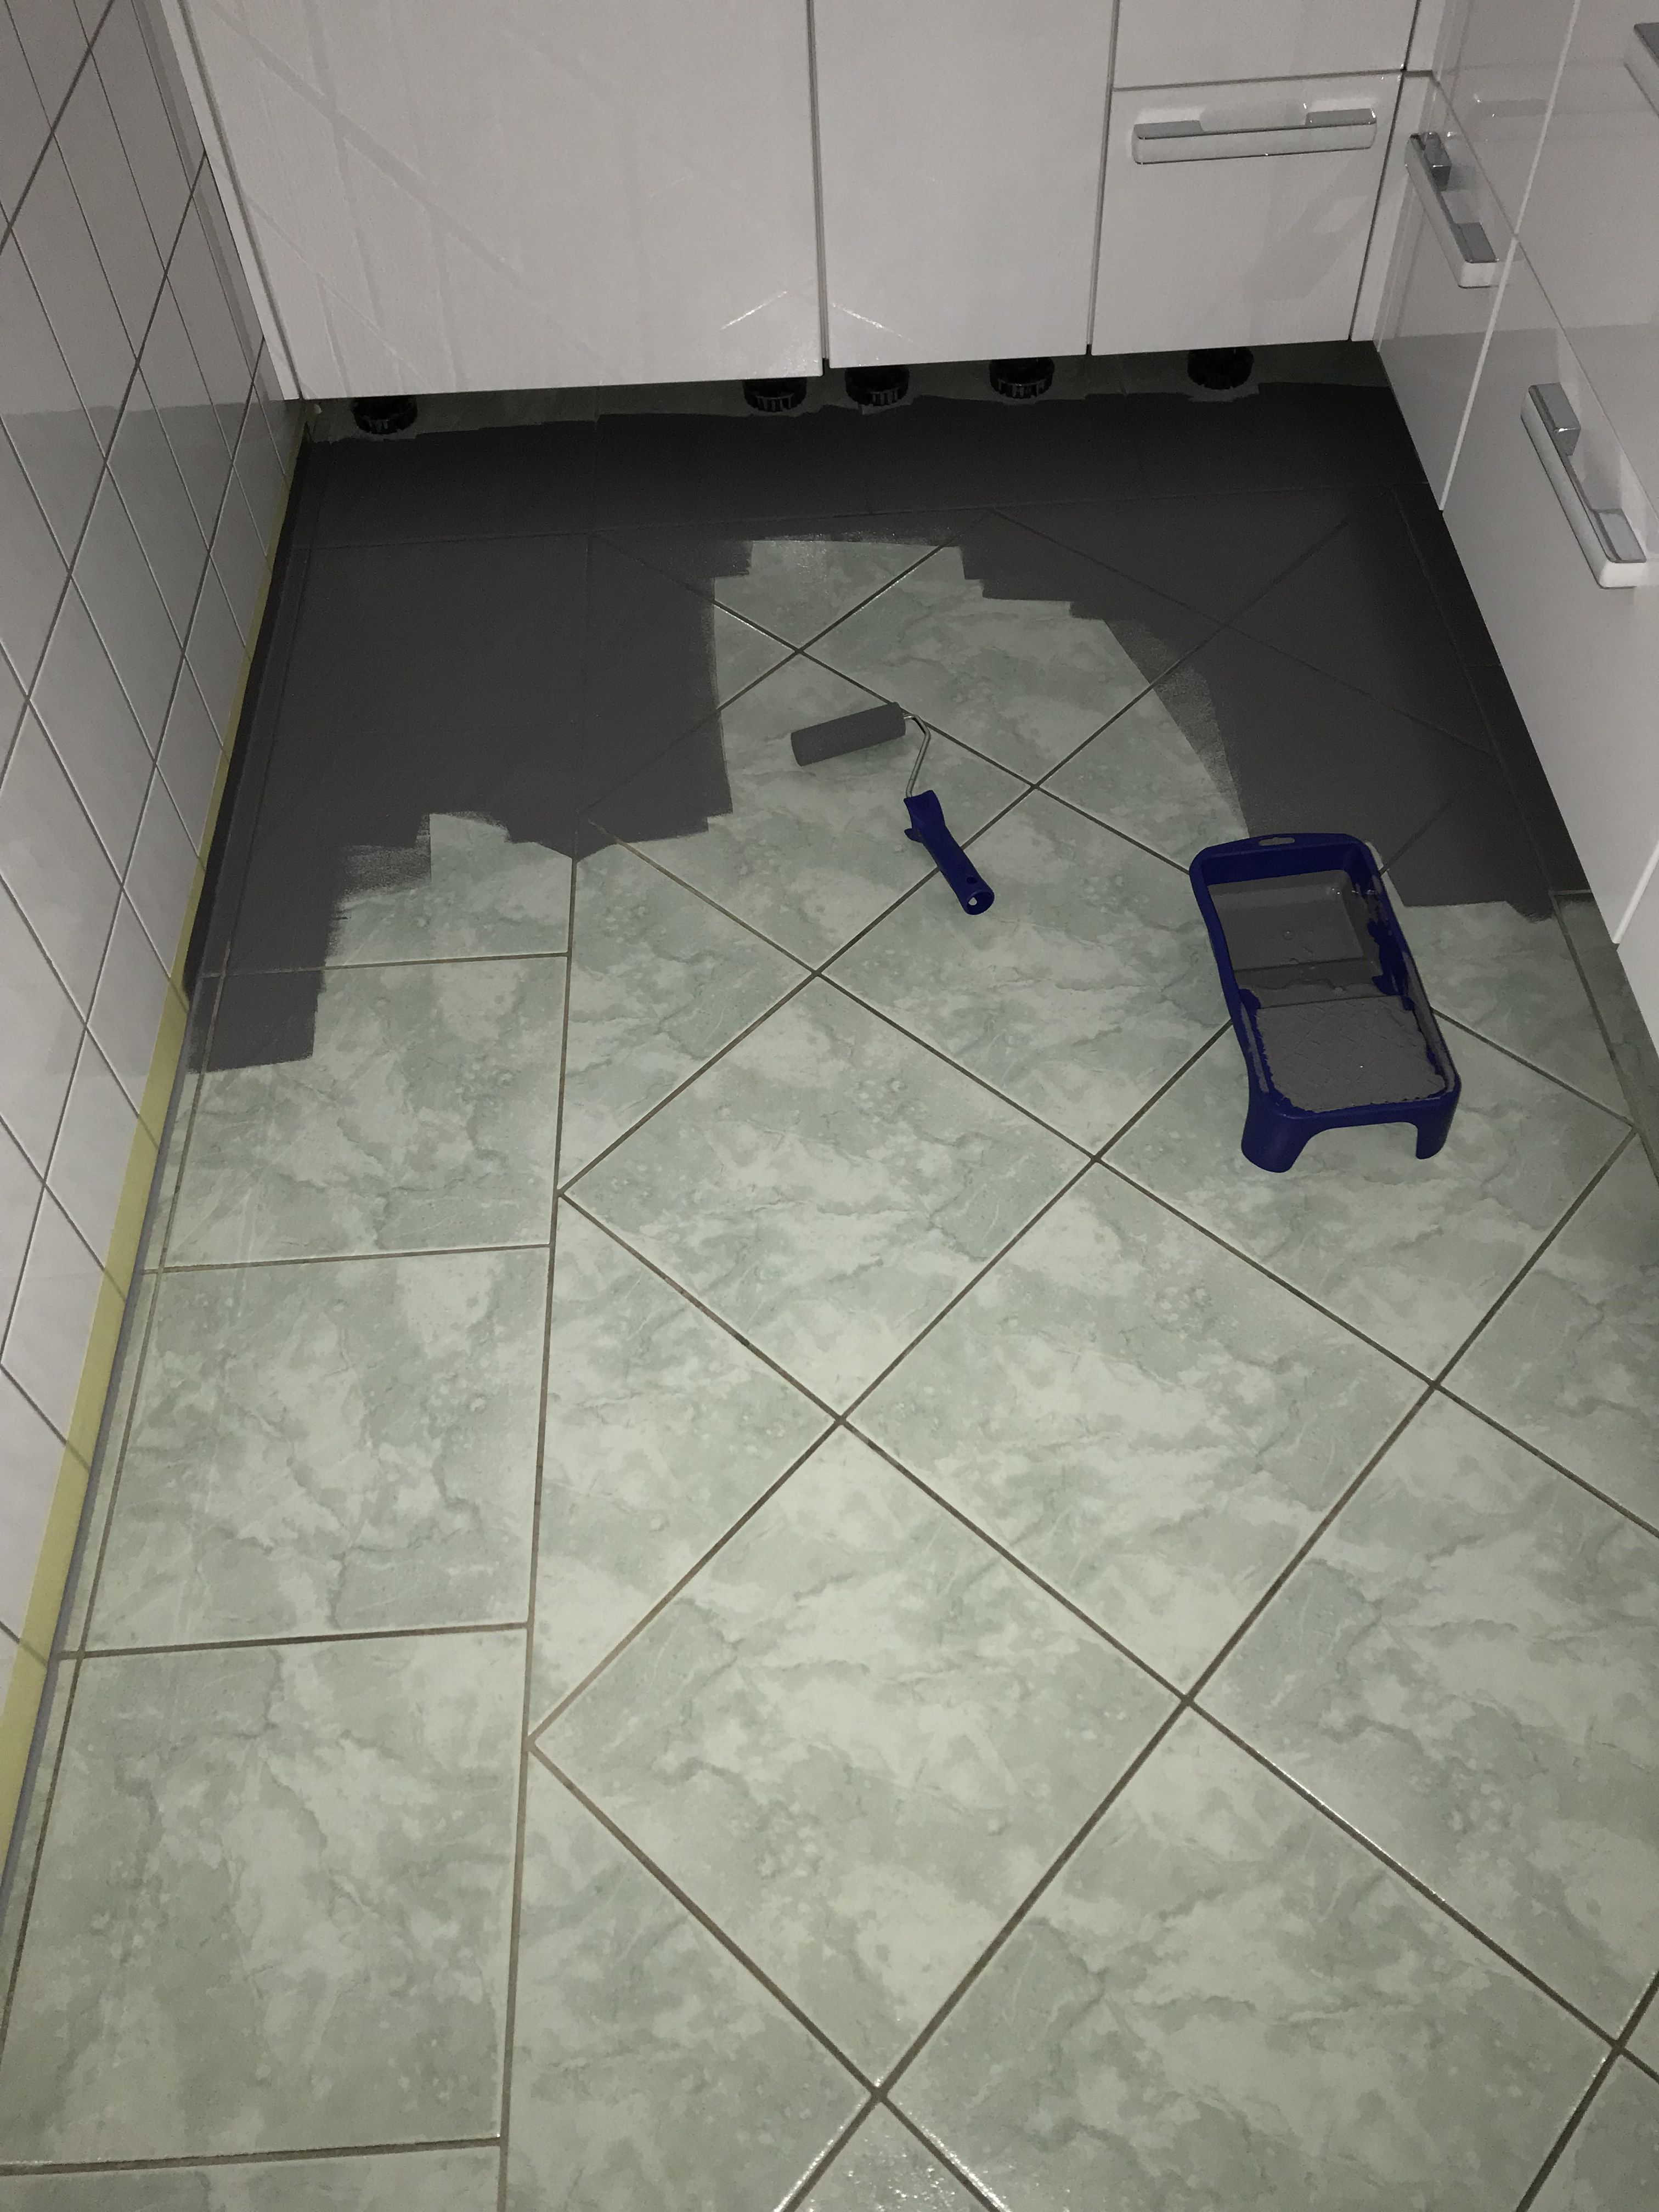 Fußbodens streichen mit Kreidefarbe Diese Kacheln wurden